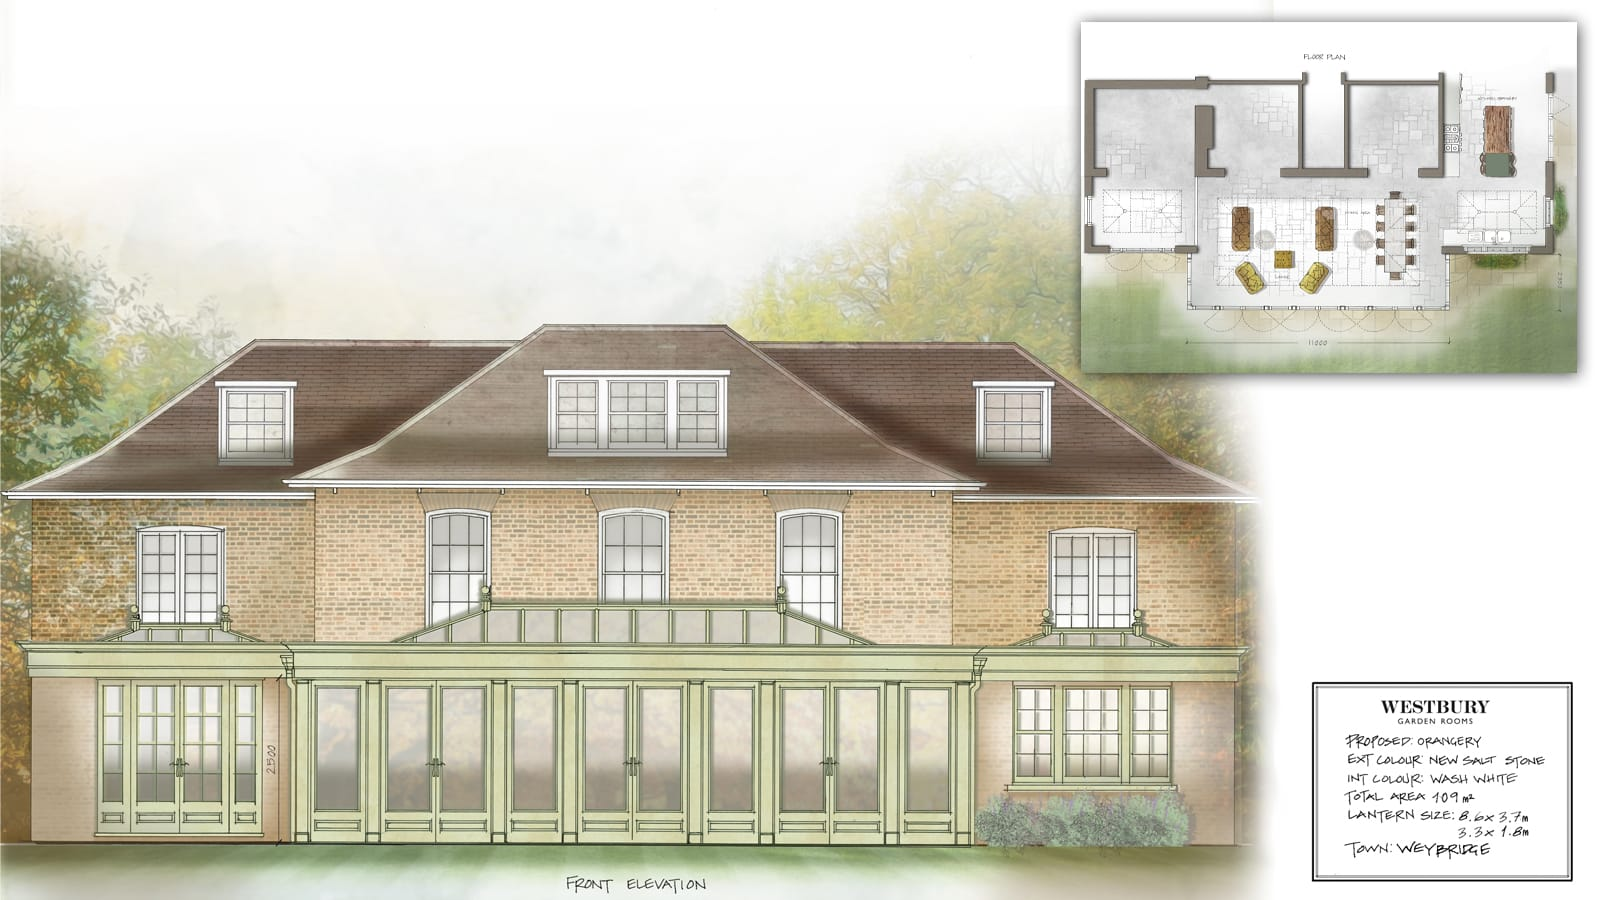 Design Drawing Images Weybridge